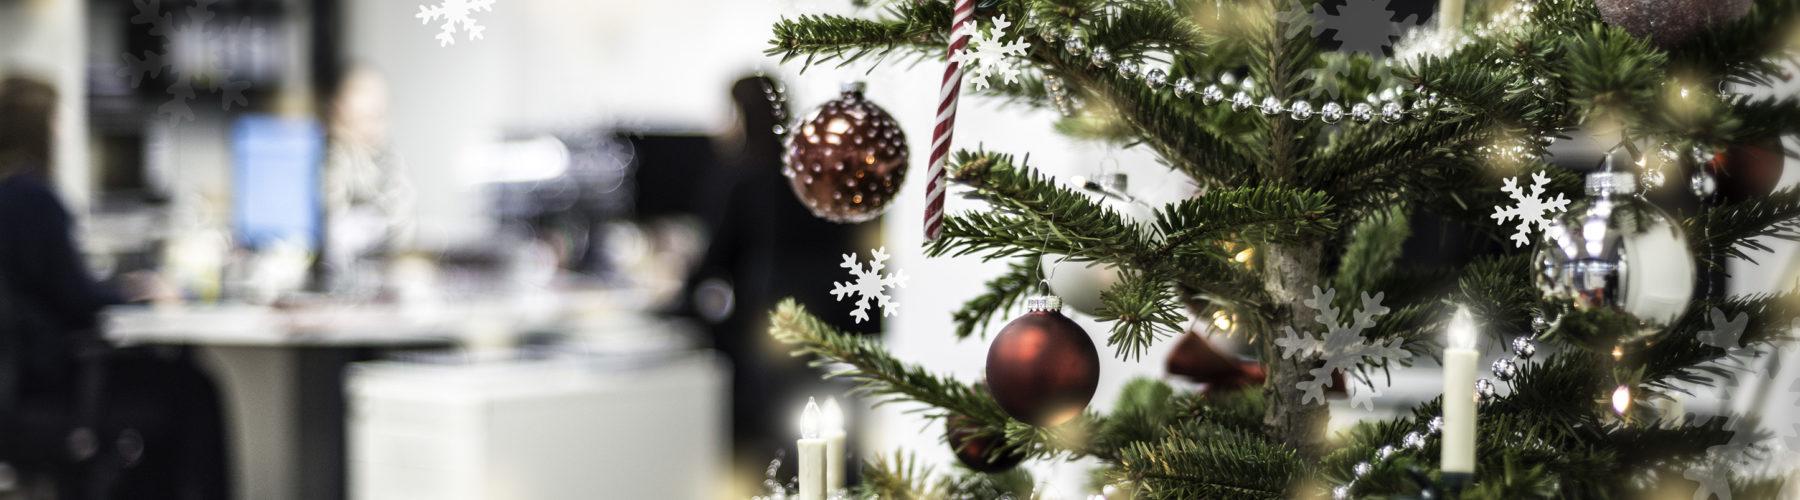 wPunkt_Weihnachten